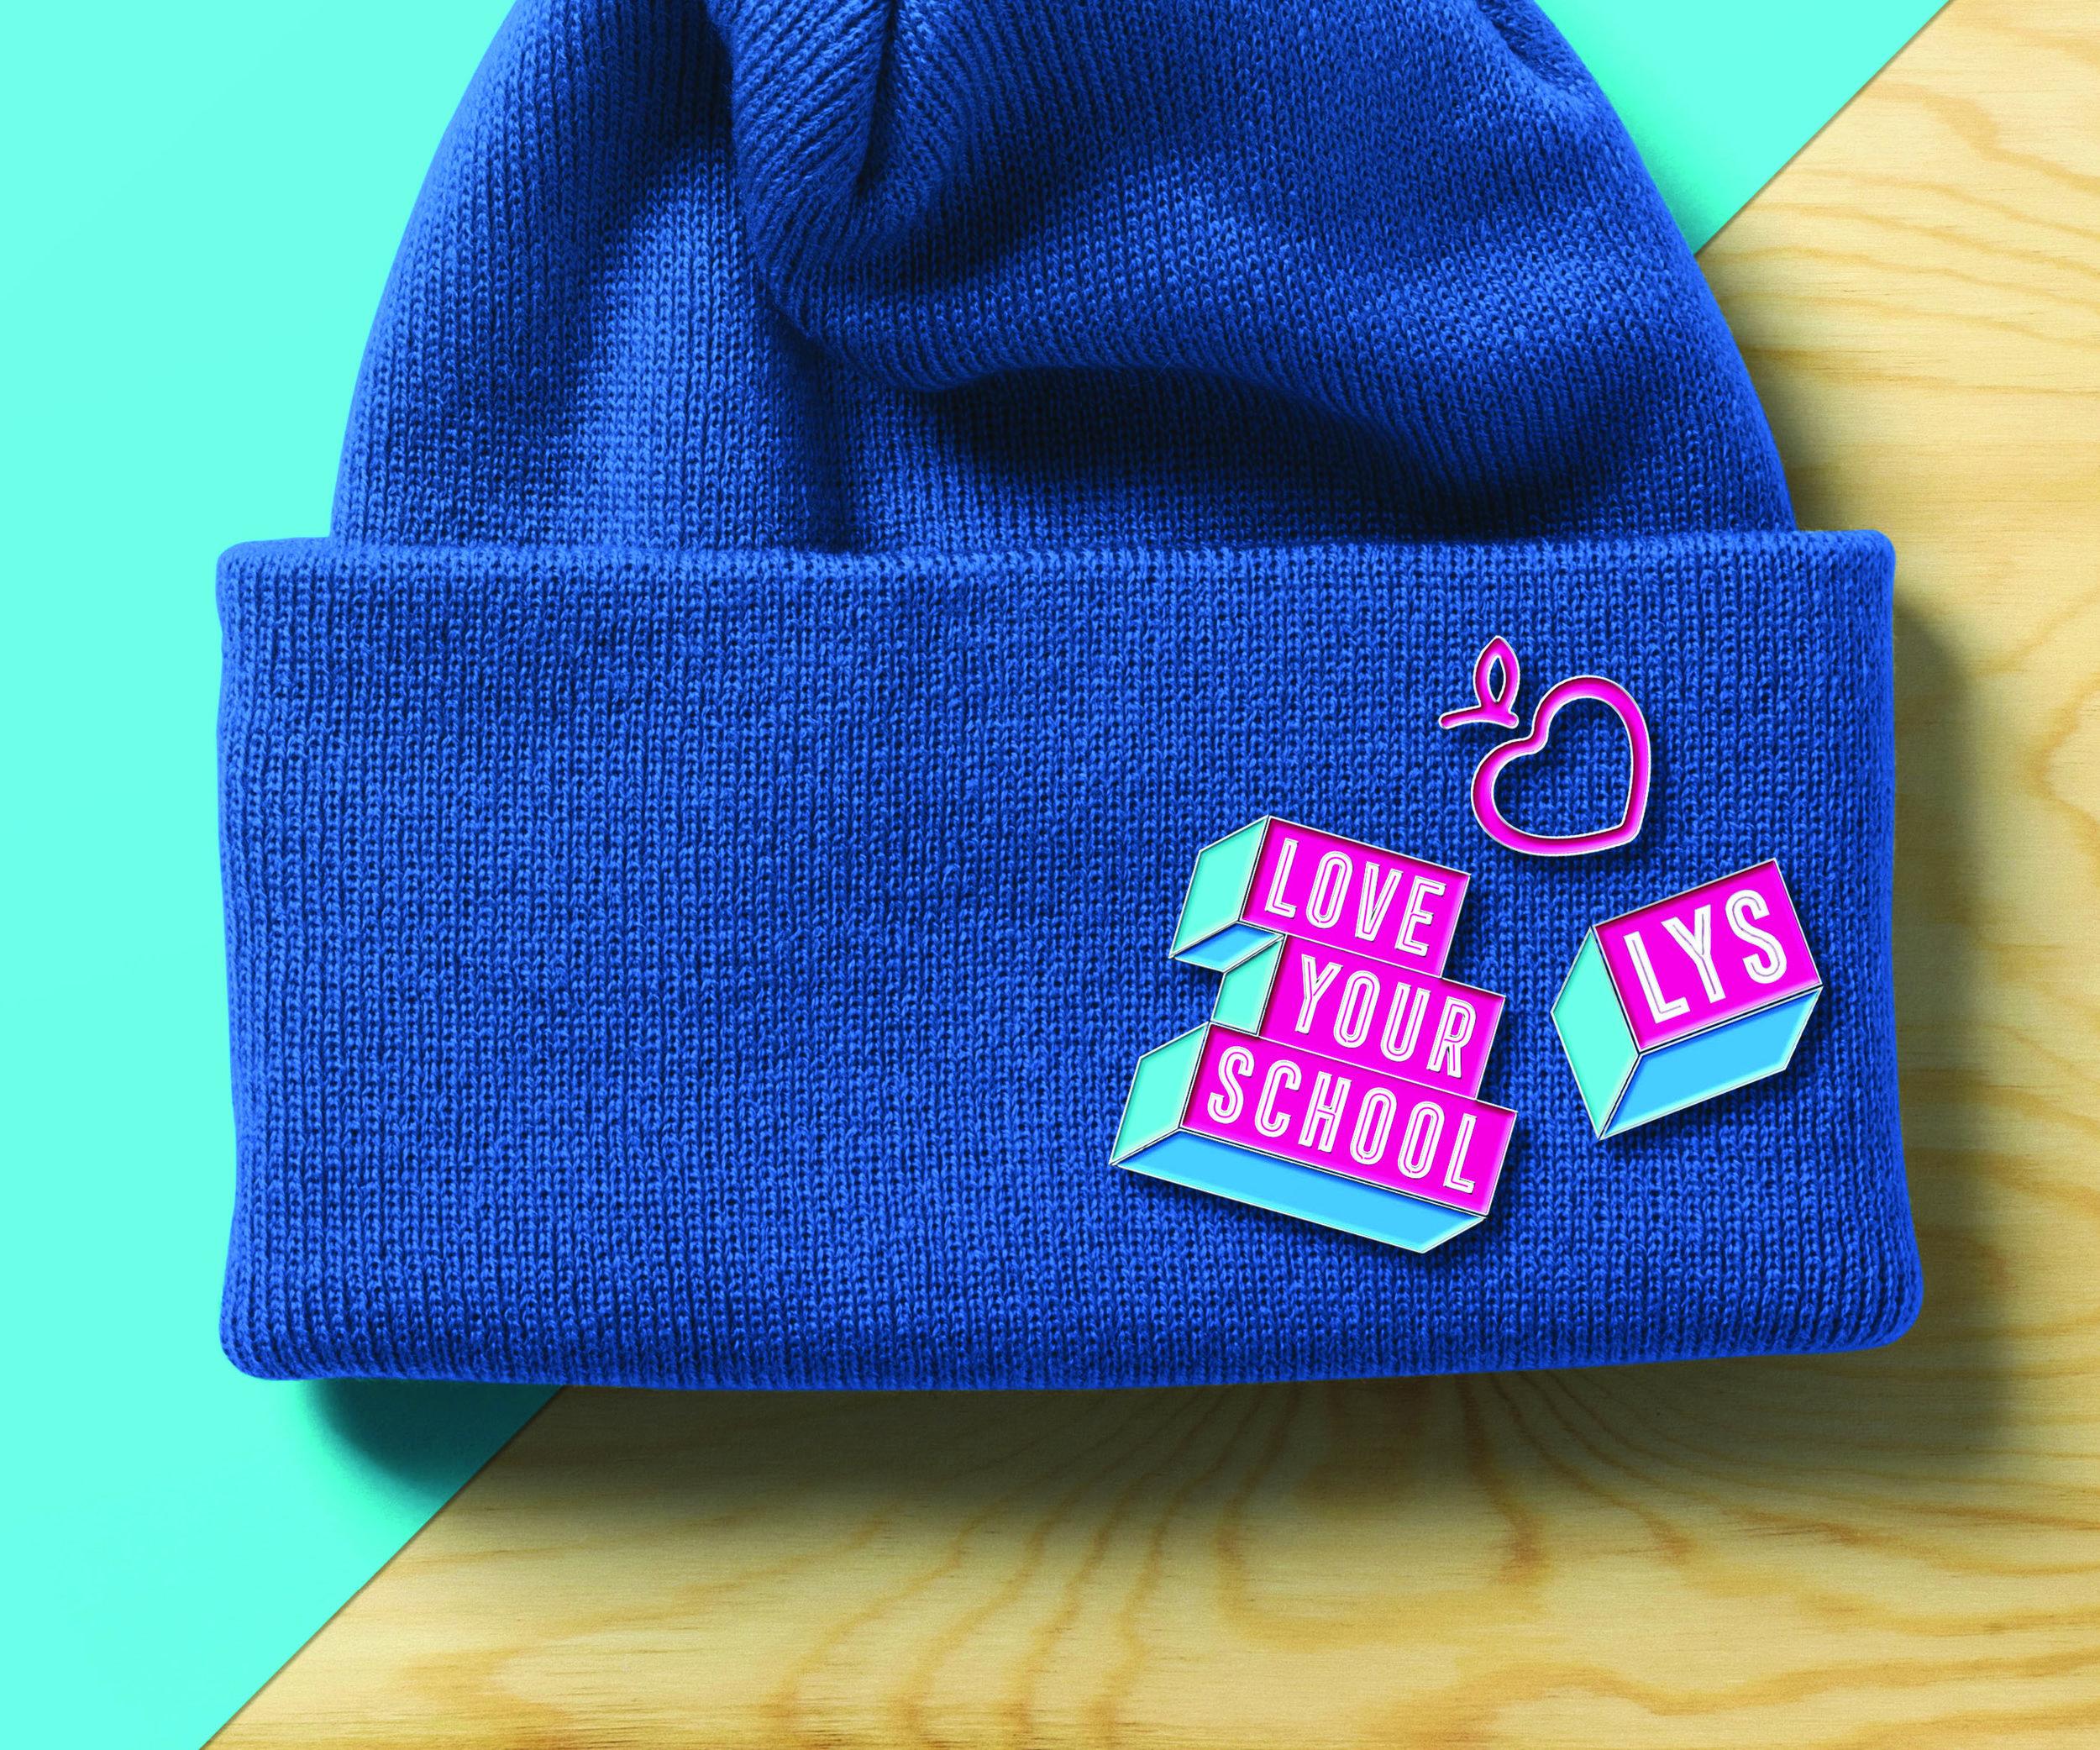 LoveYourSchool5.jpg